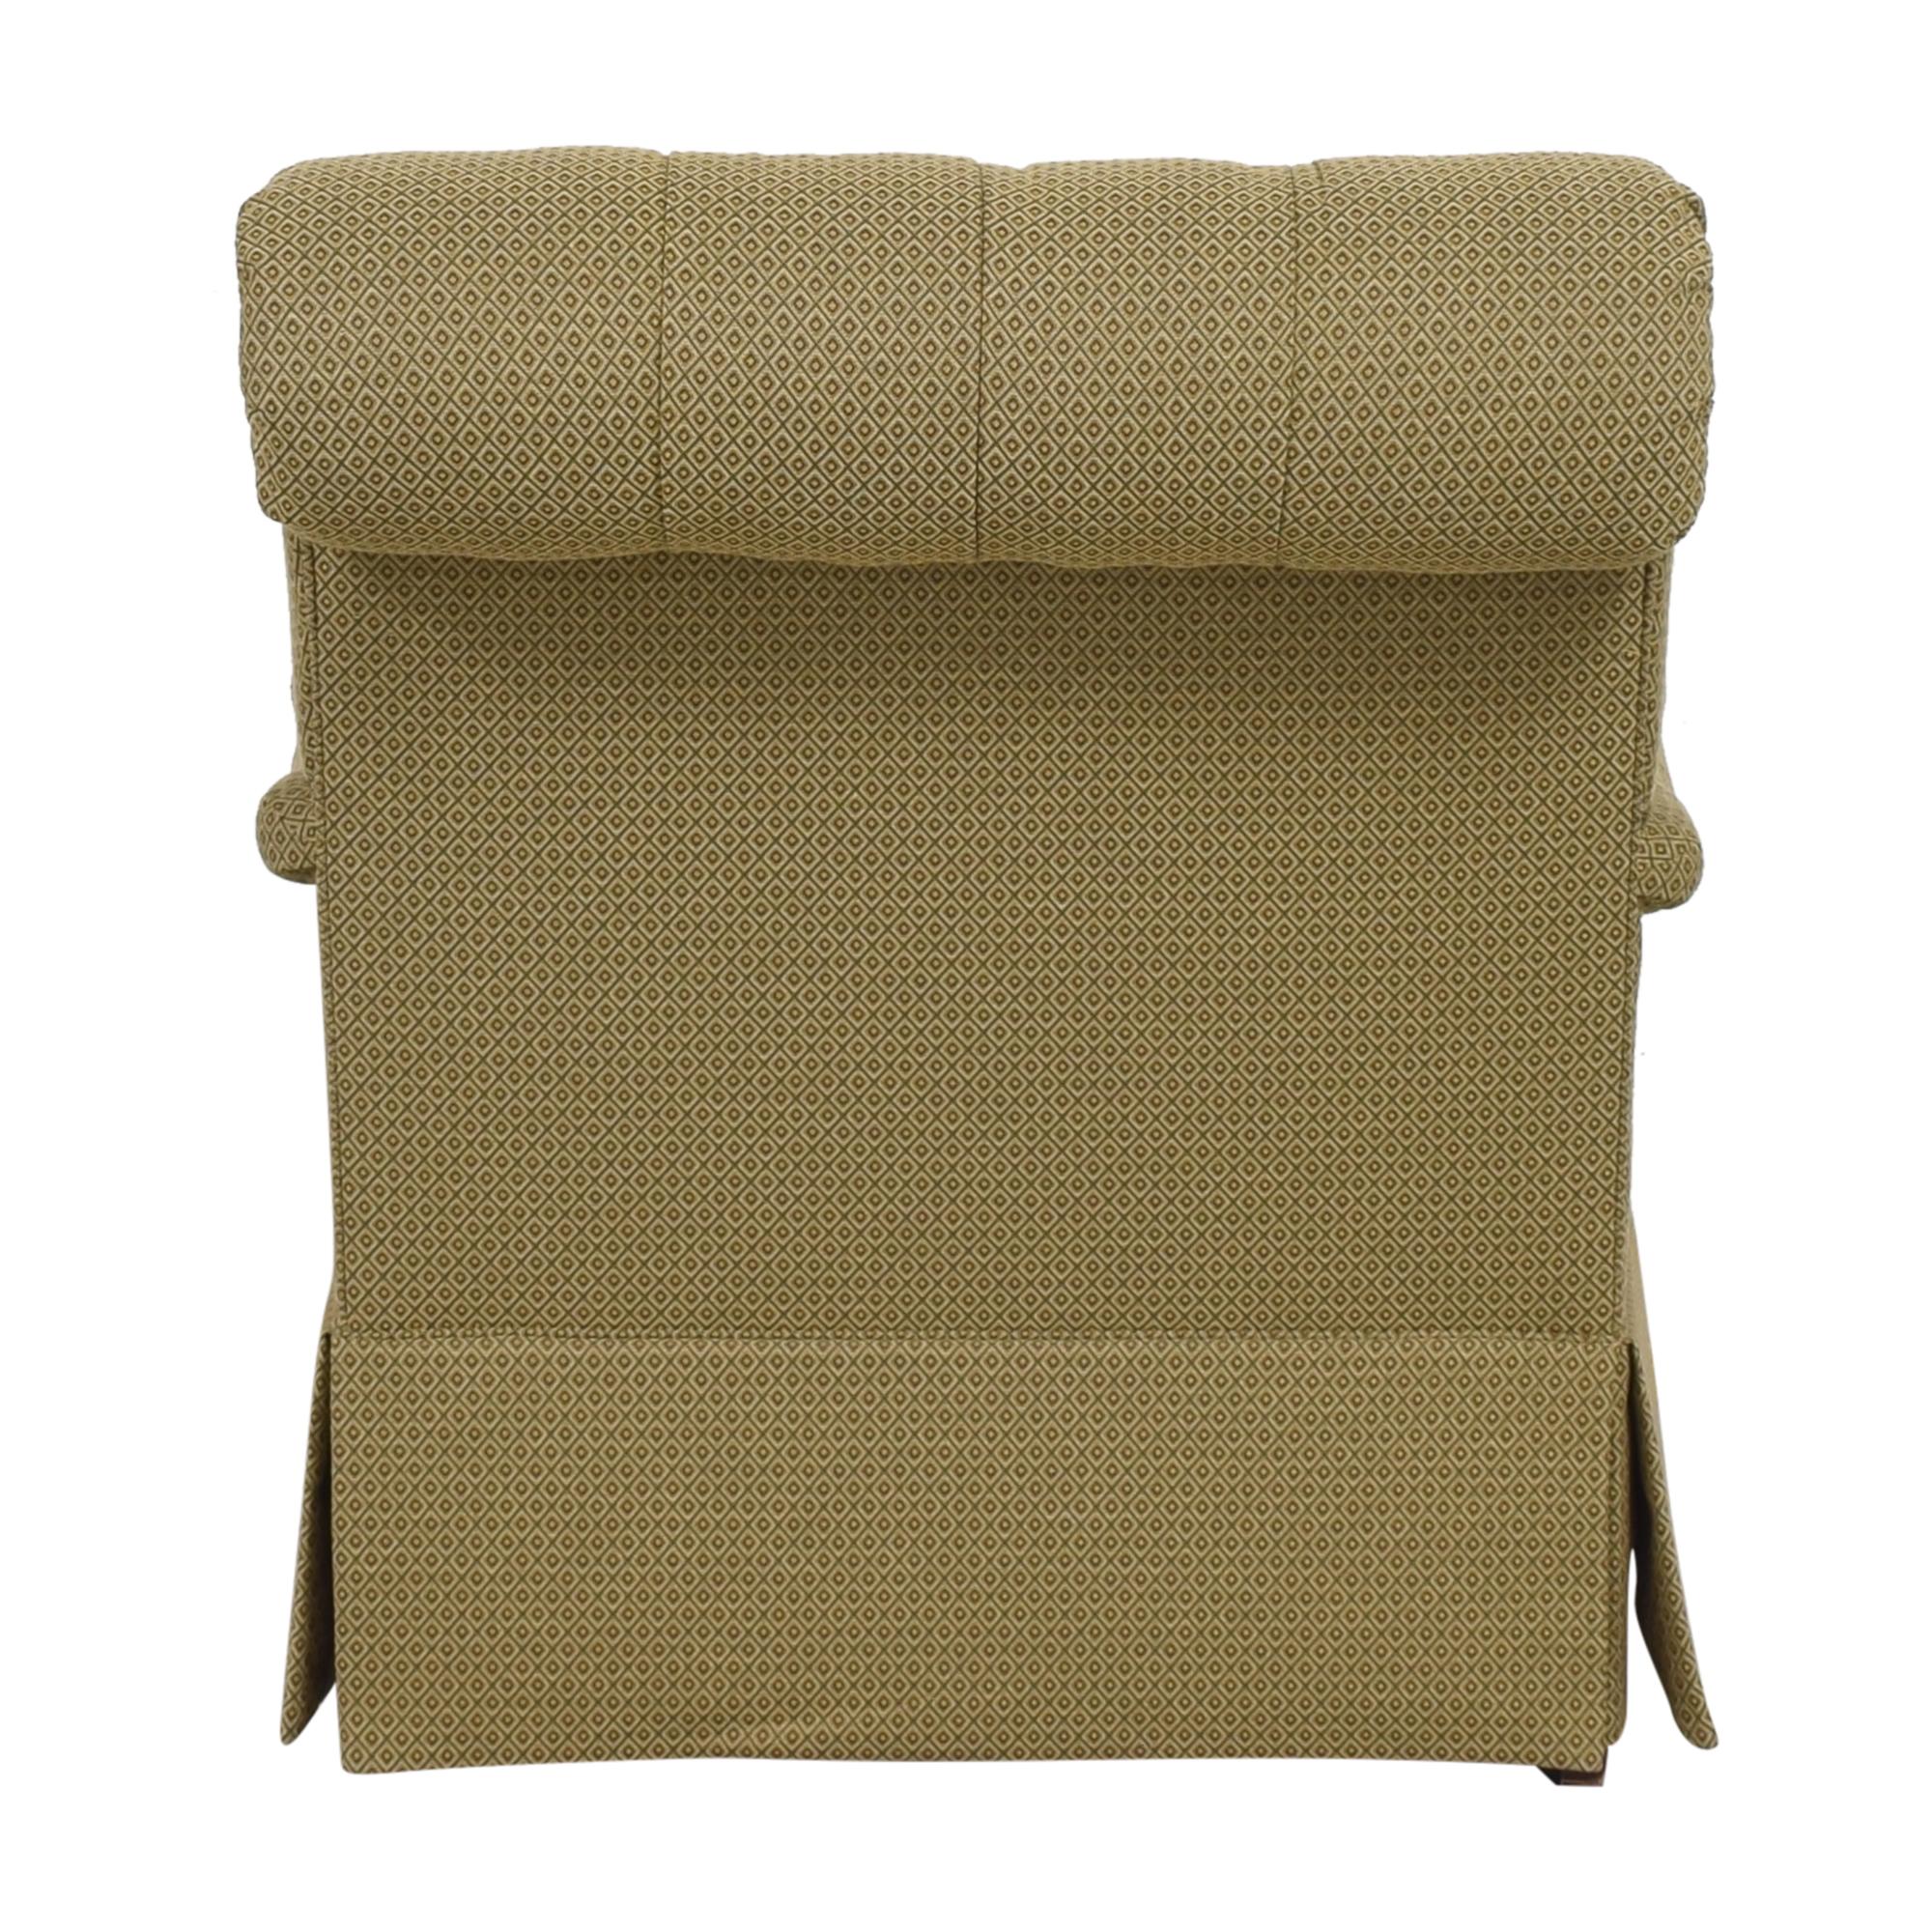 Henredon Furniture Henredon Furniture Scroll Back Accent Chair nyc